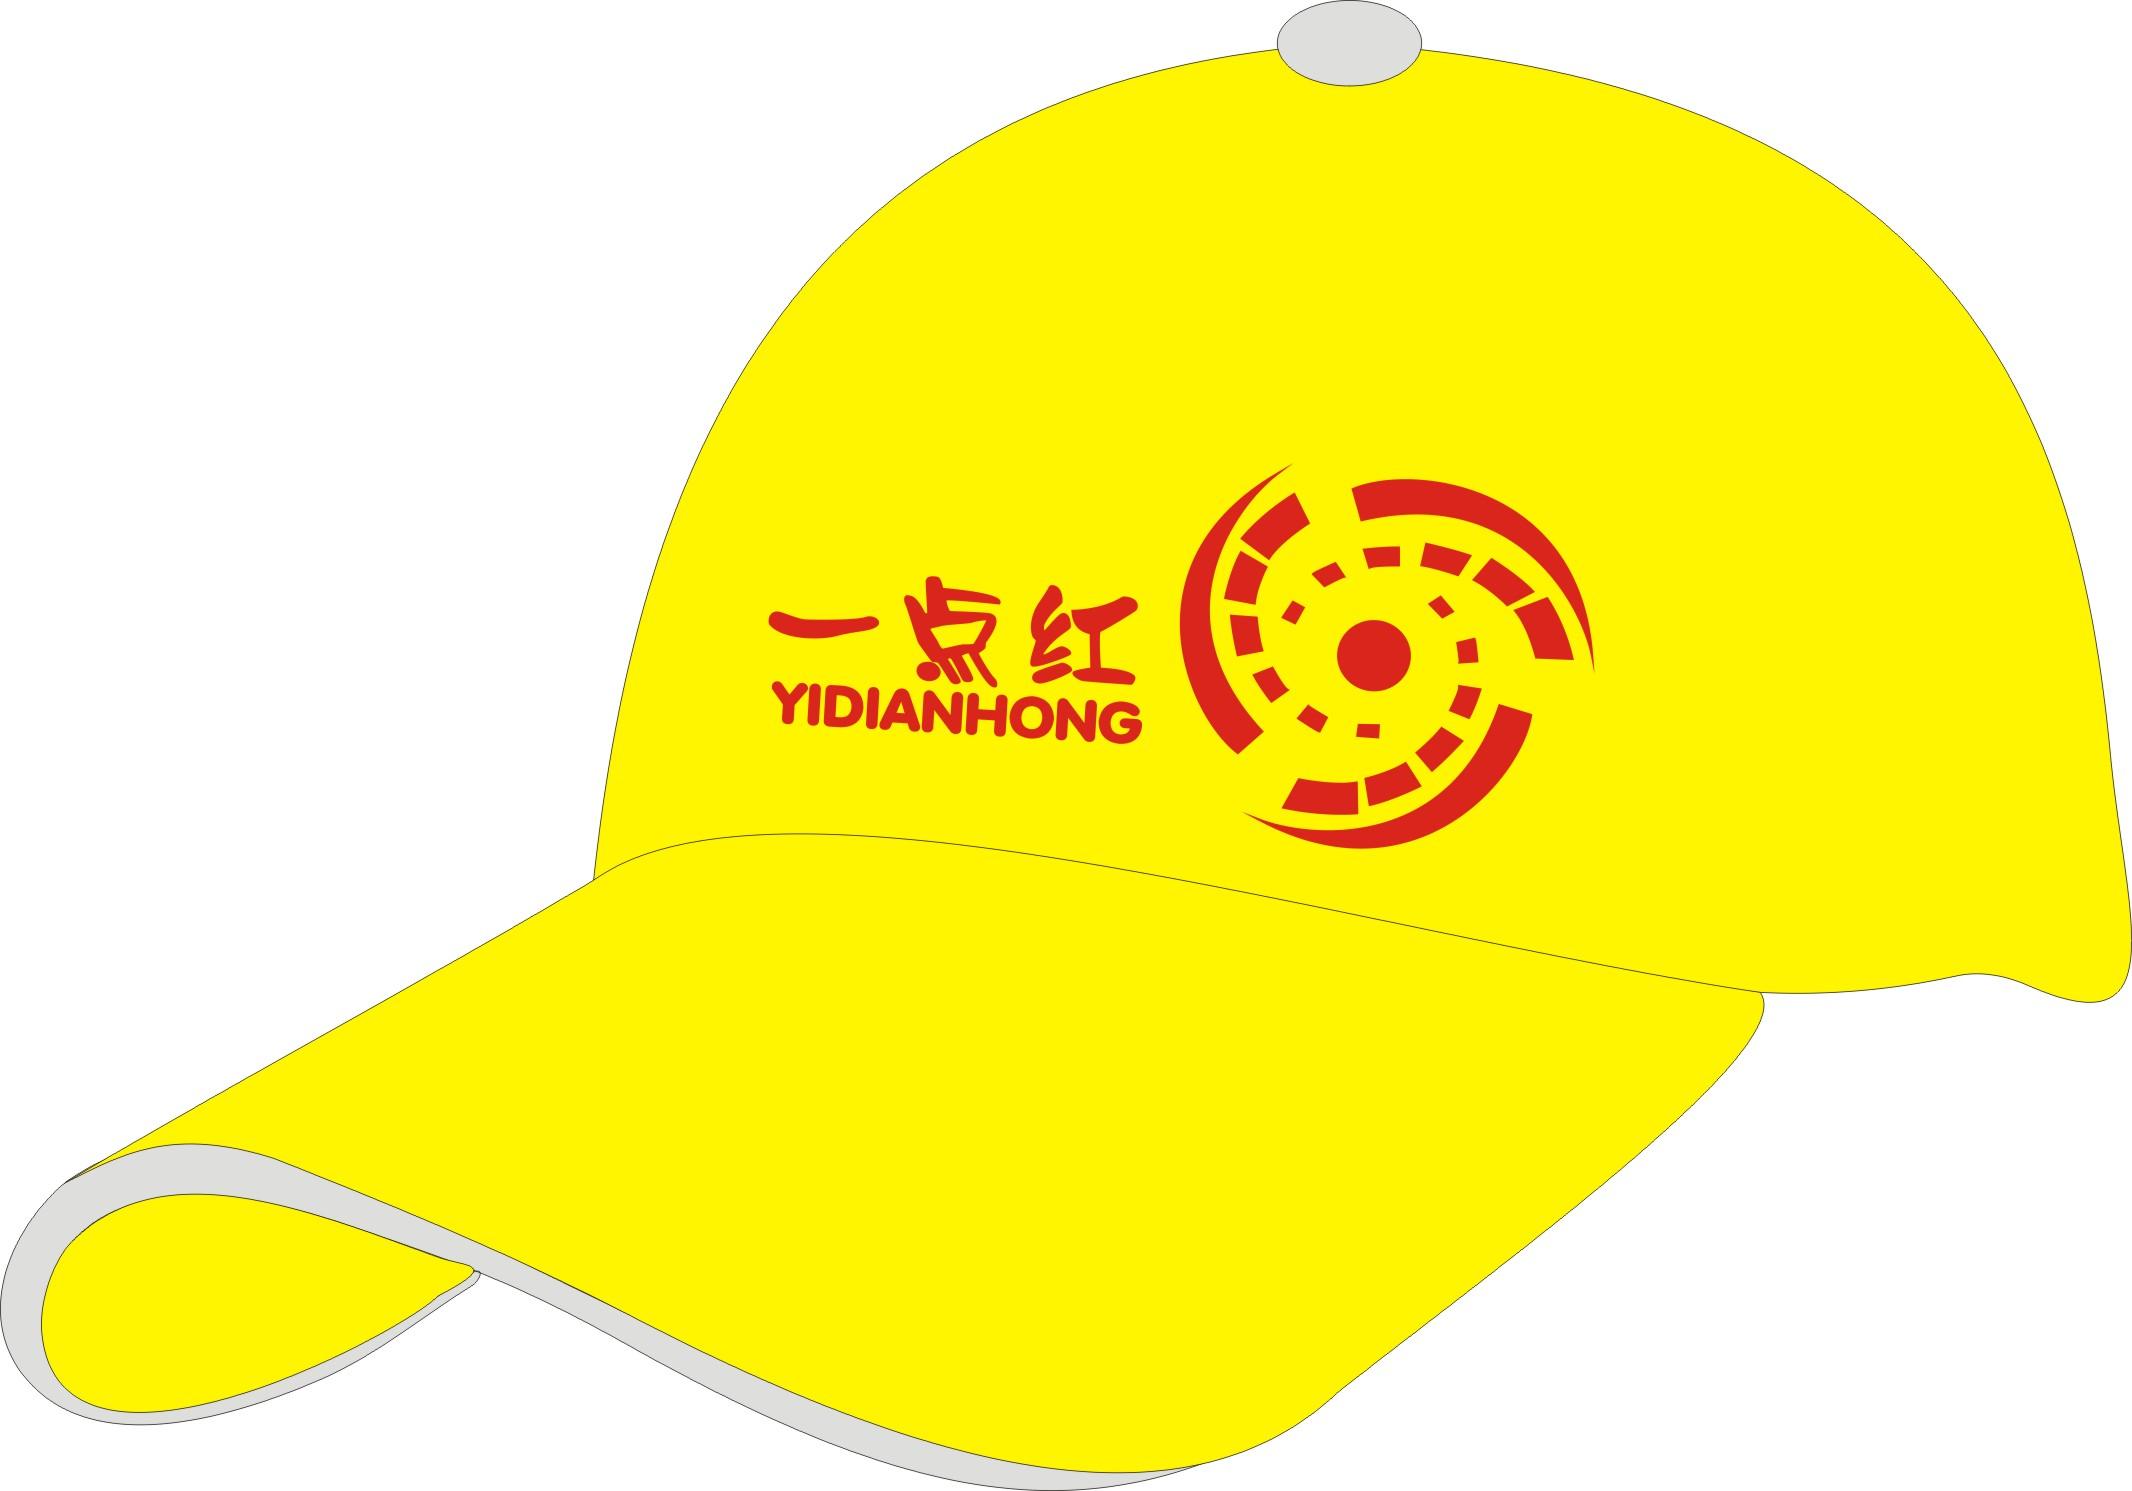 帽子价格_昆明魅力与丽江太阳帽携手走进节点图帽子图纸讲解图片